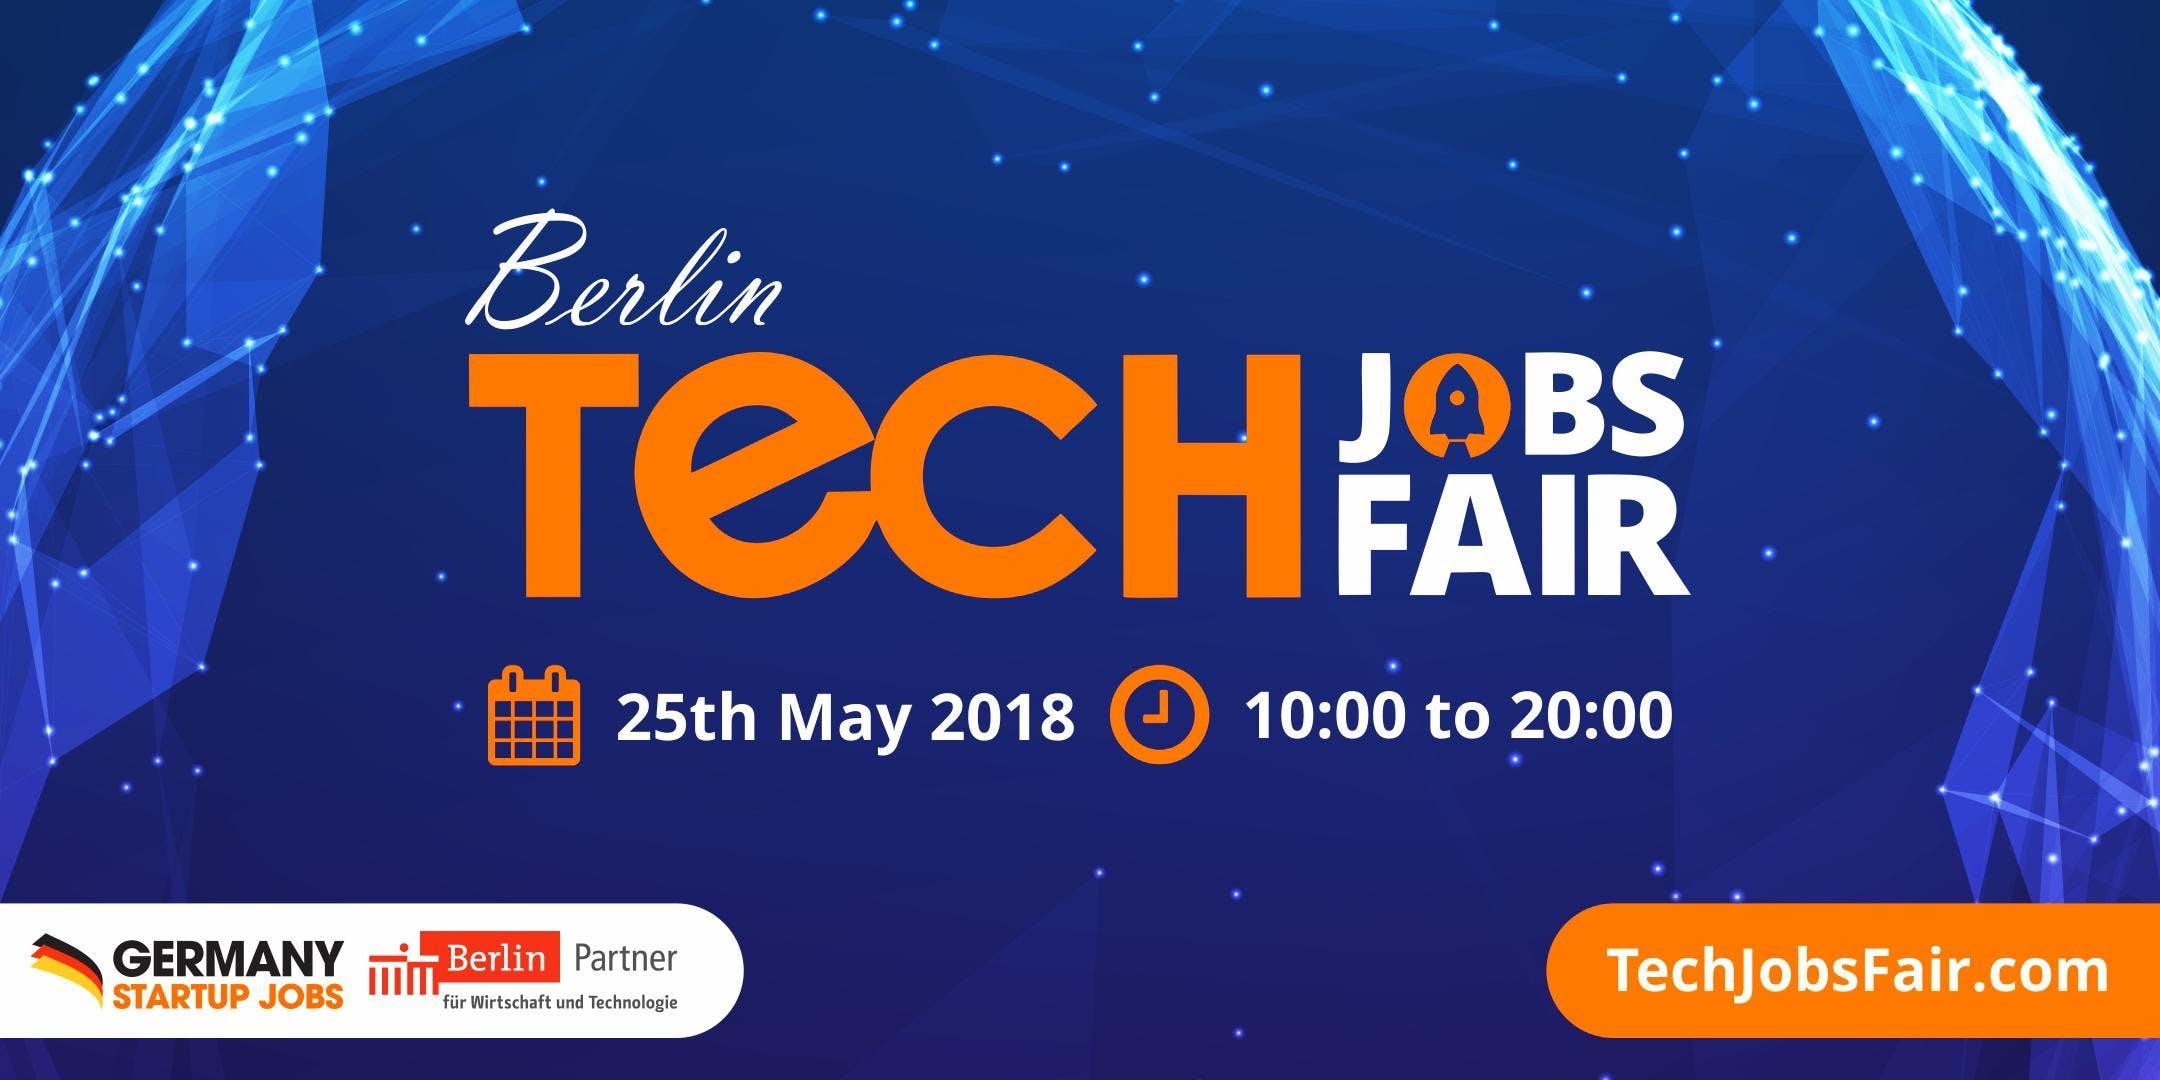 tech jobs fair 2018 berlin